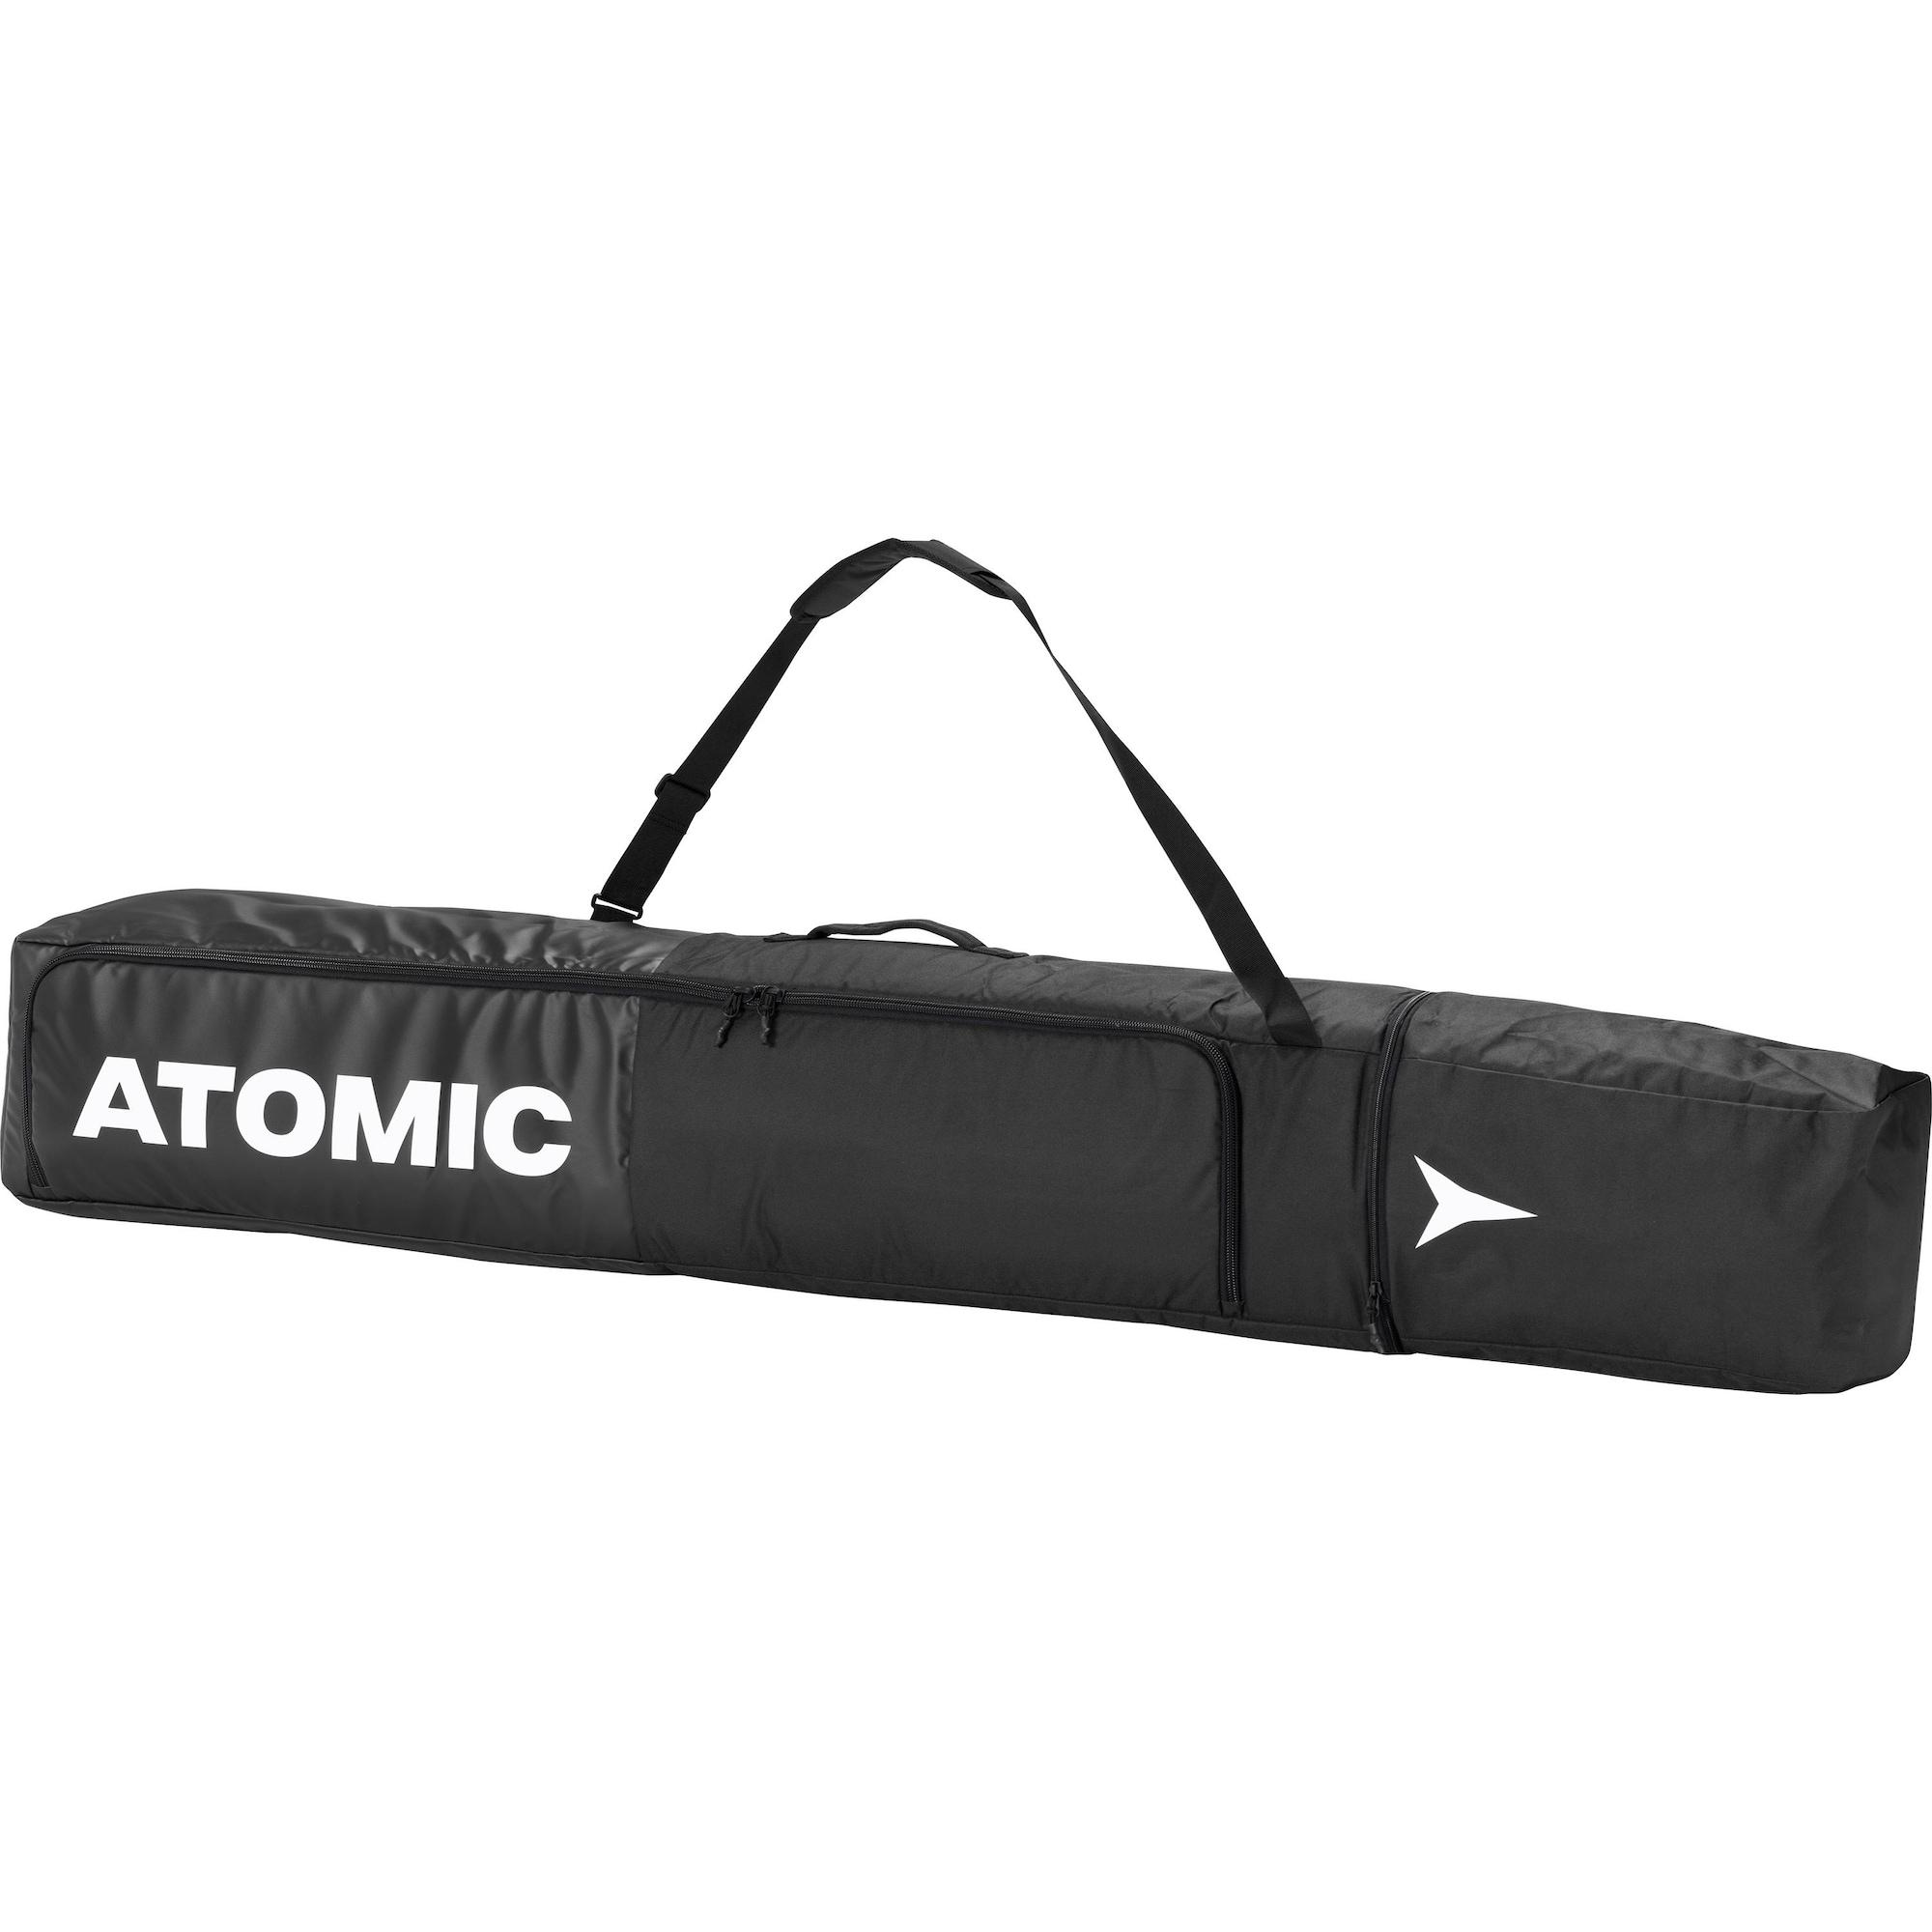 Skisack   Taschen > Rucksäcke > Tagesrucksäcke   Schwarz   Atomic